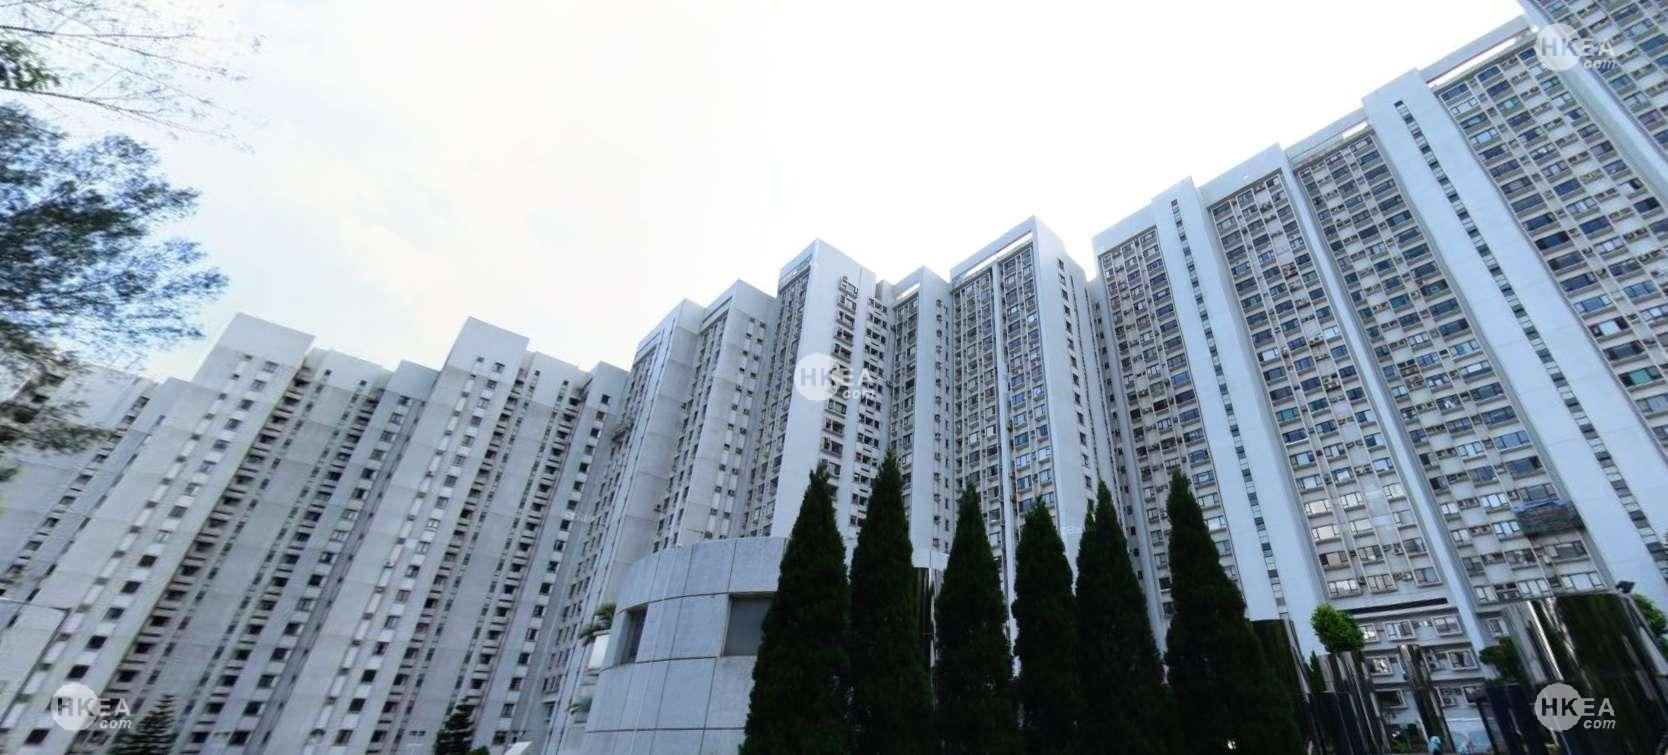 葵涌|住宅|華景山莊|華景山路 9號